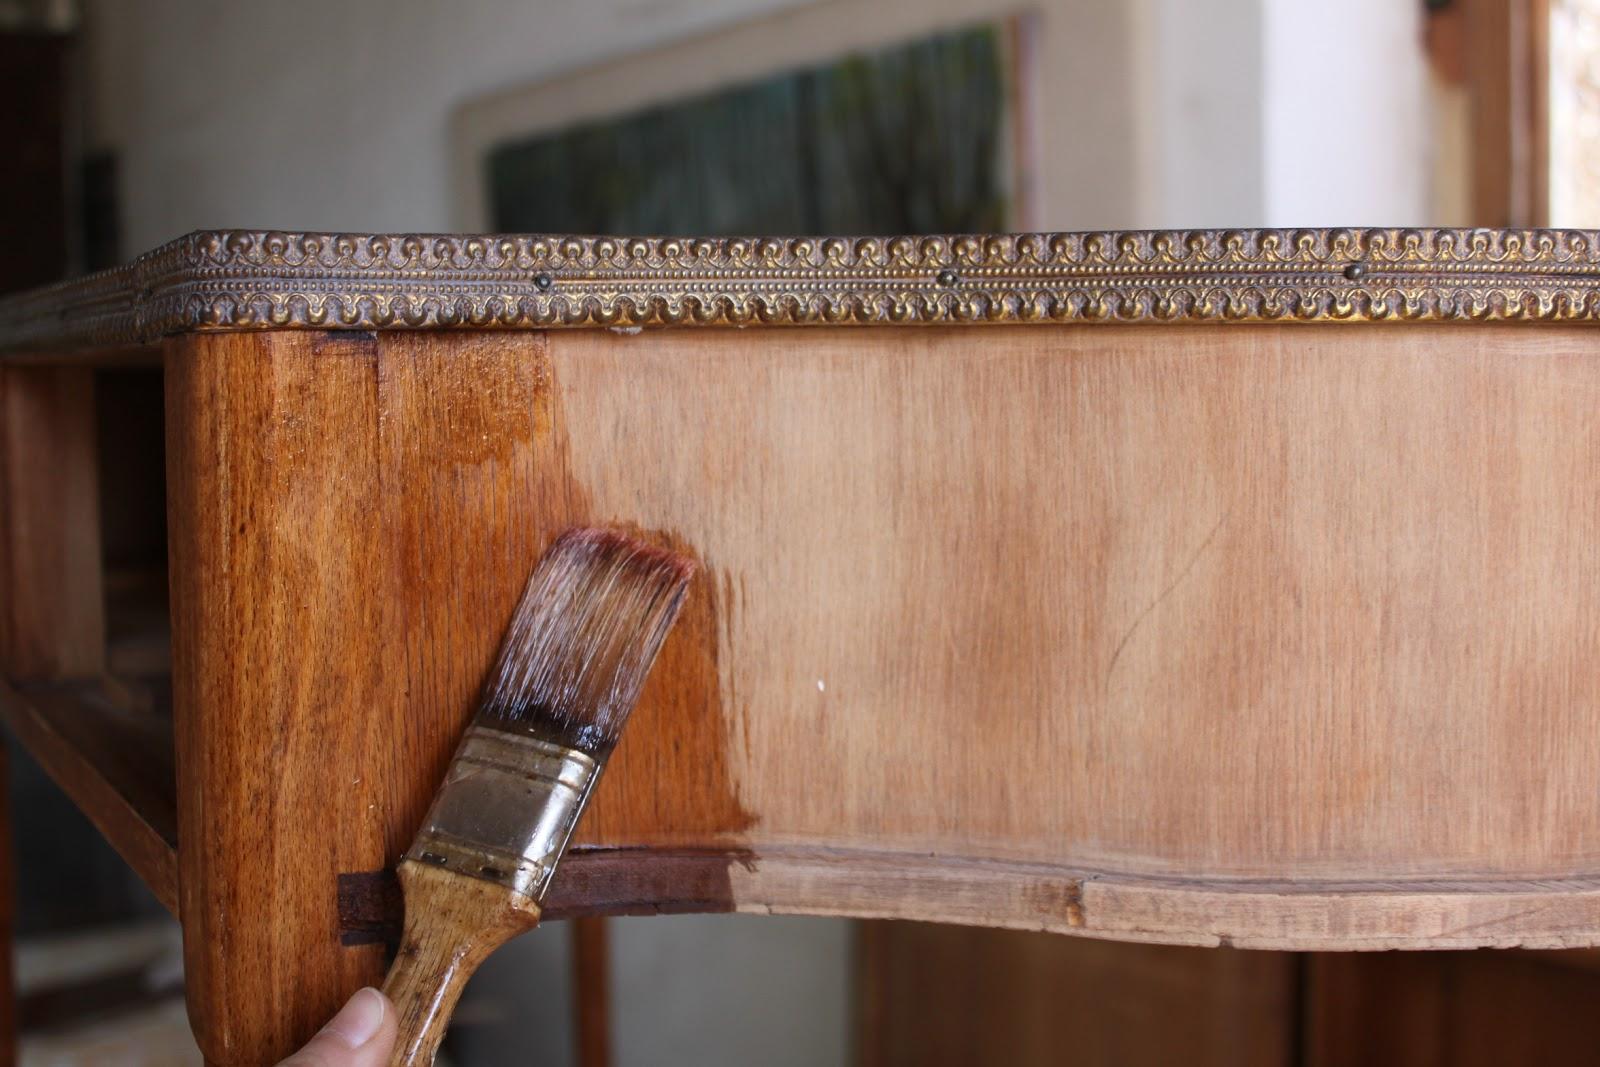 Reparaci n profesional de muebles de madera carpinter a en madrid presupuesto gratis - Restaurar muebles de madera barnizados ...